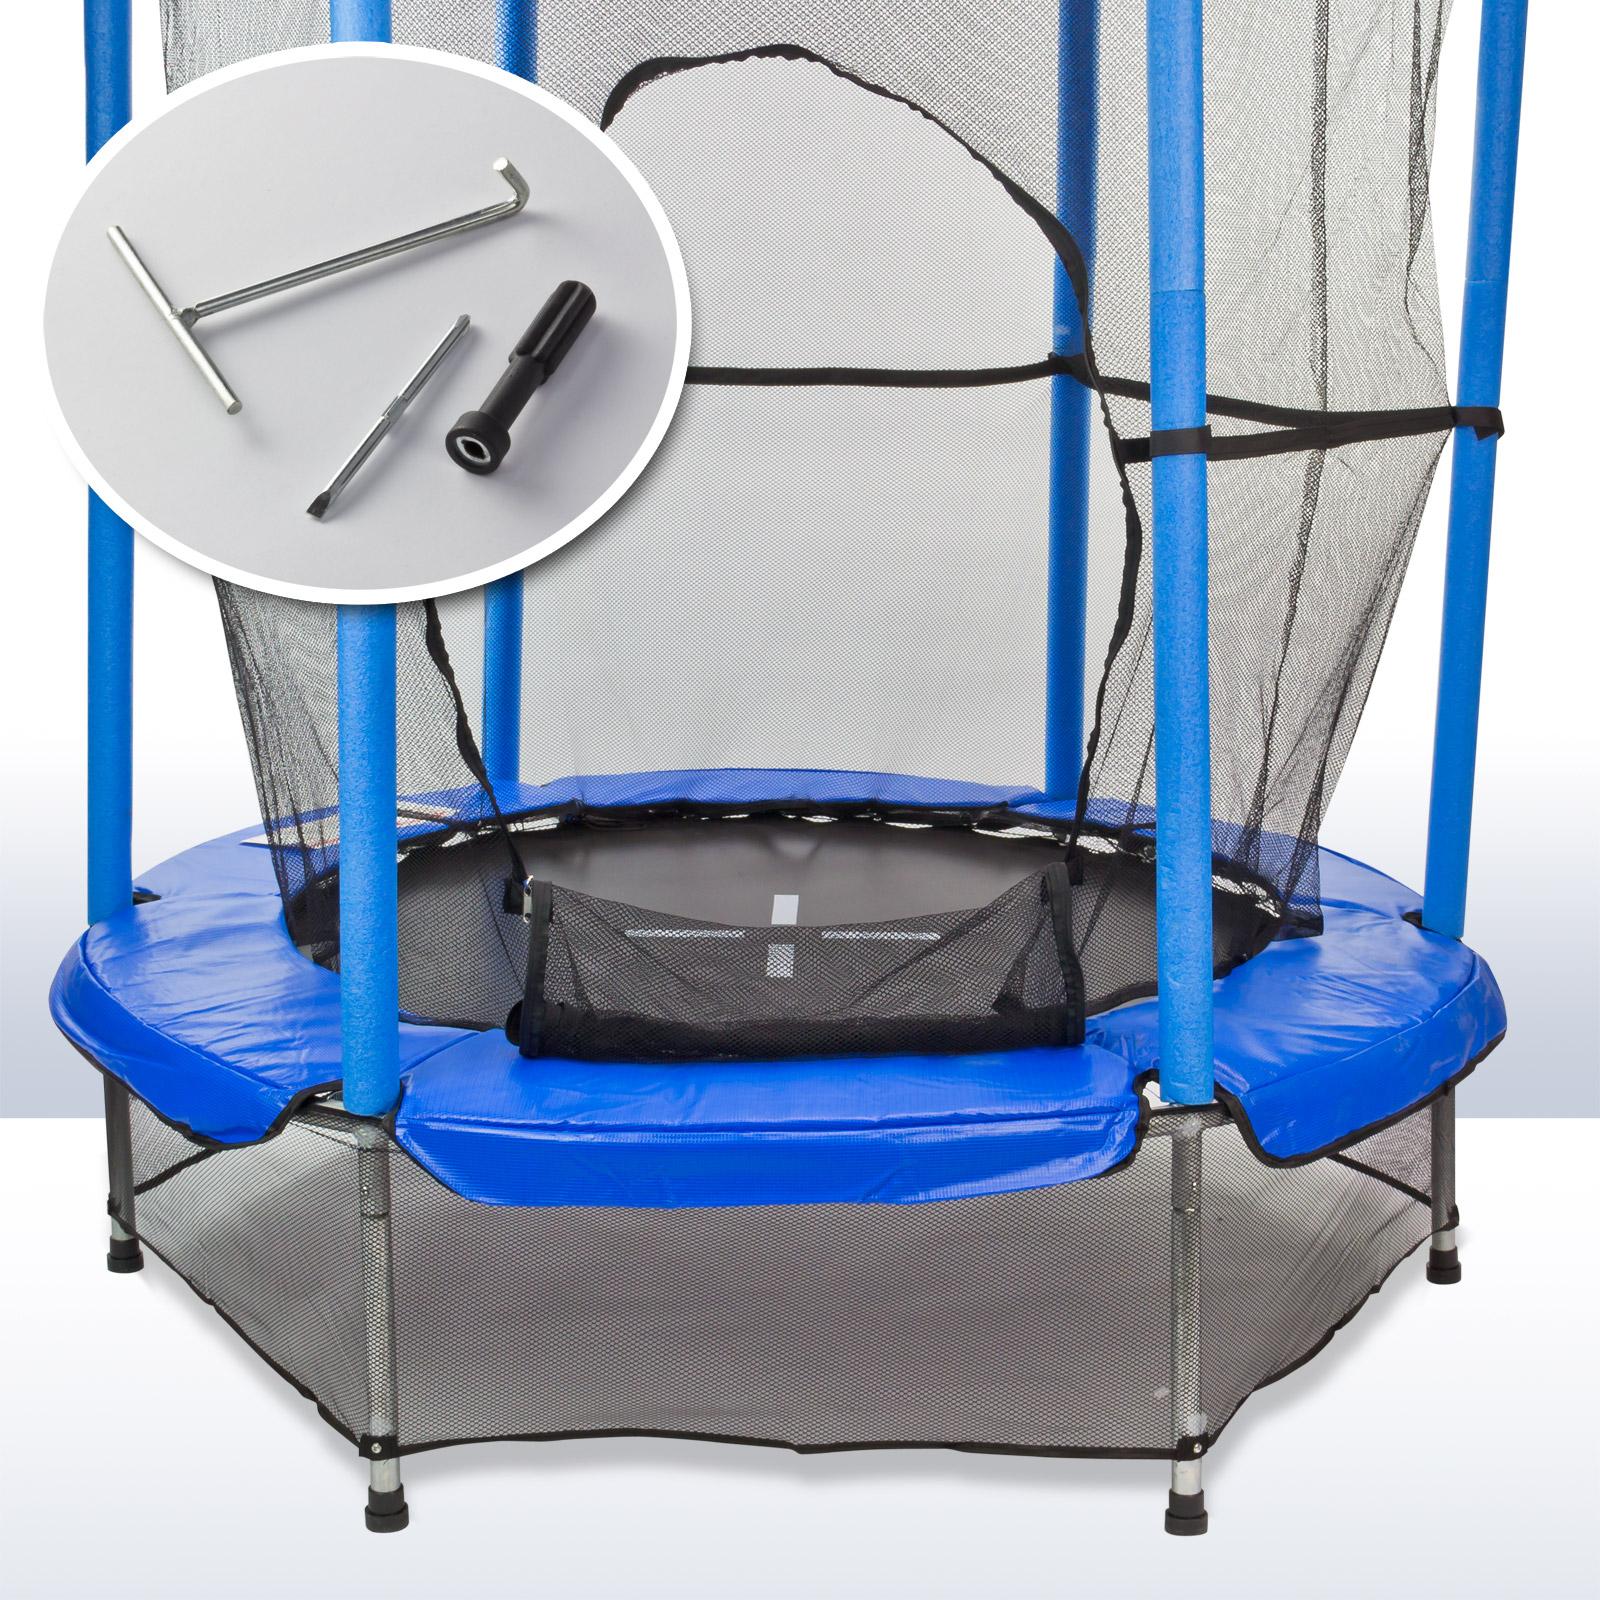 919646 kinder trampolin kindertrampolin 140 cm mit. Black Bedroom Furniture Sets. Home Design Ideas